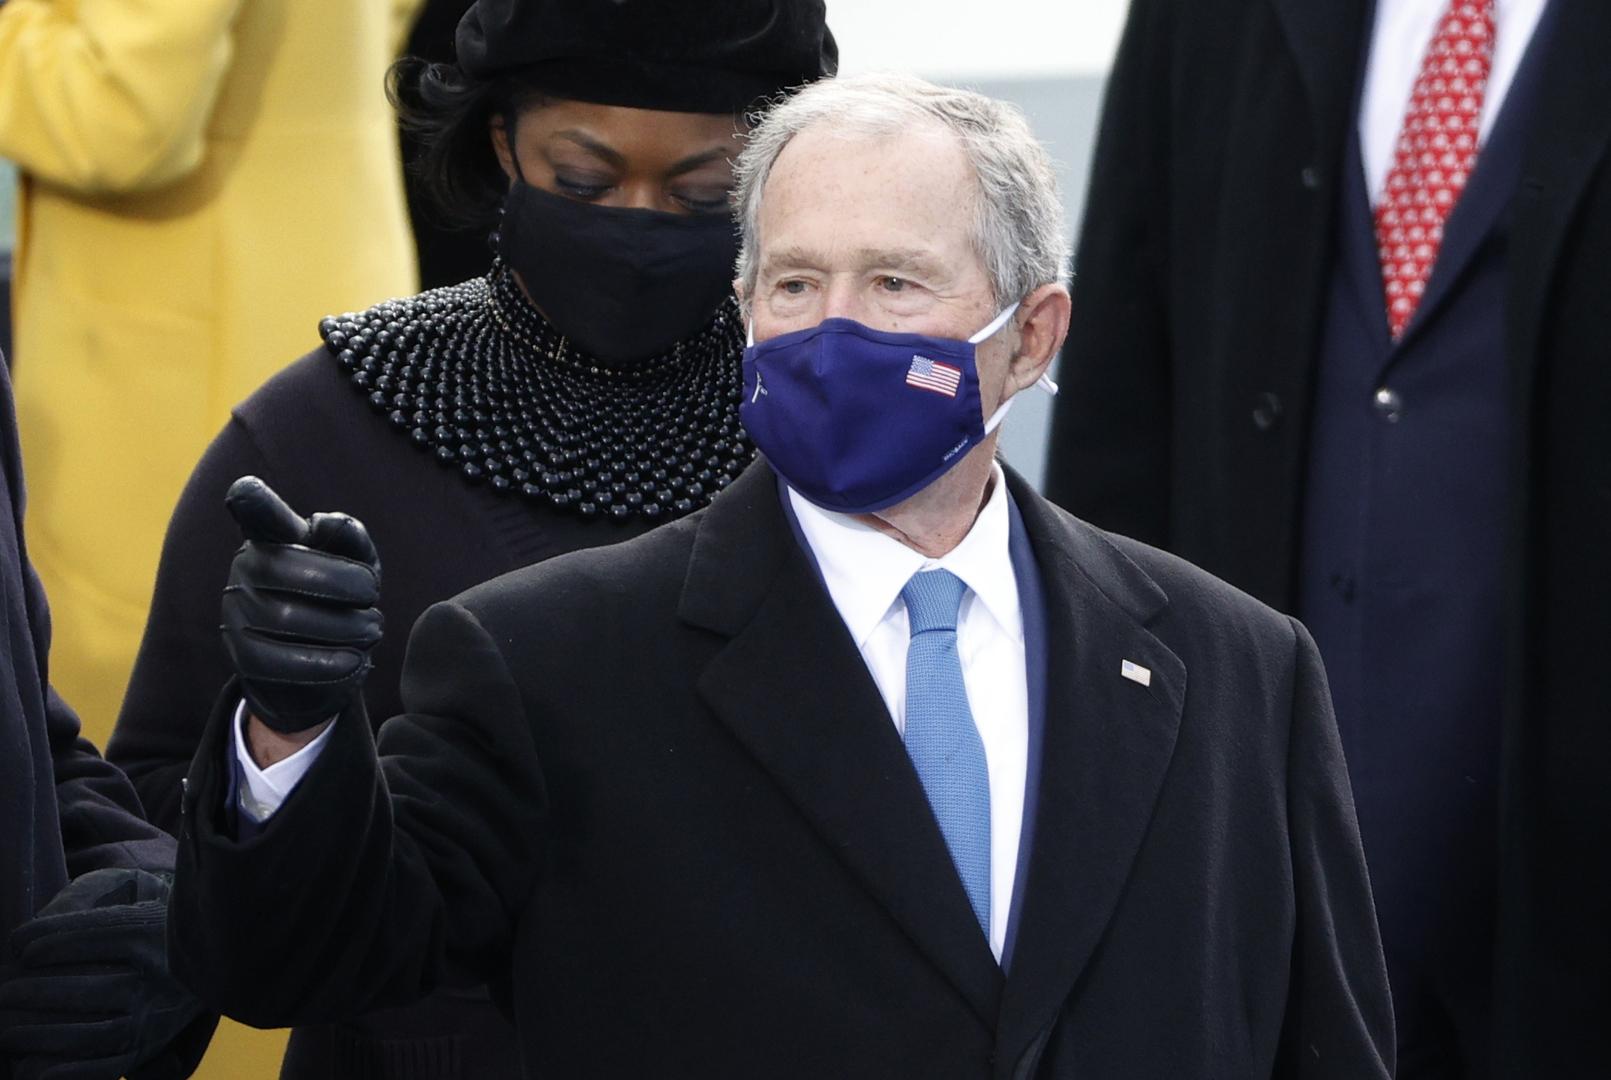 بوش يكشف لمن صوت في انتخابات 2020